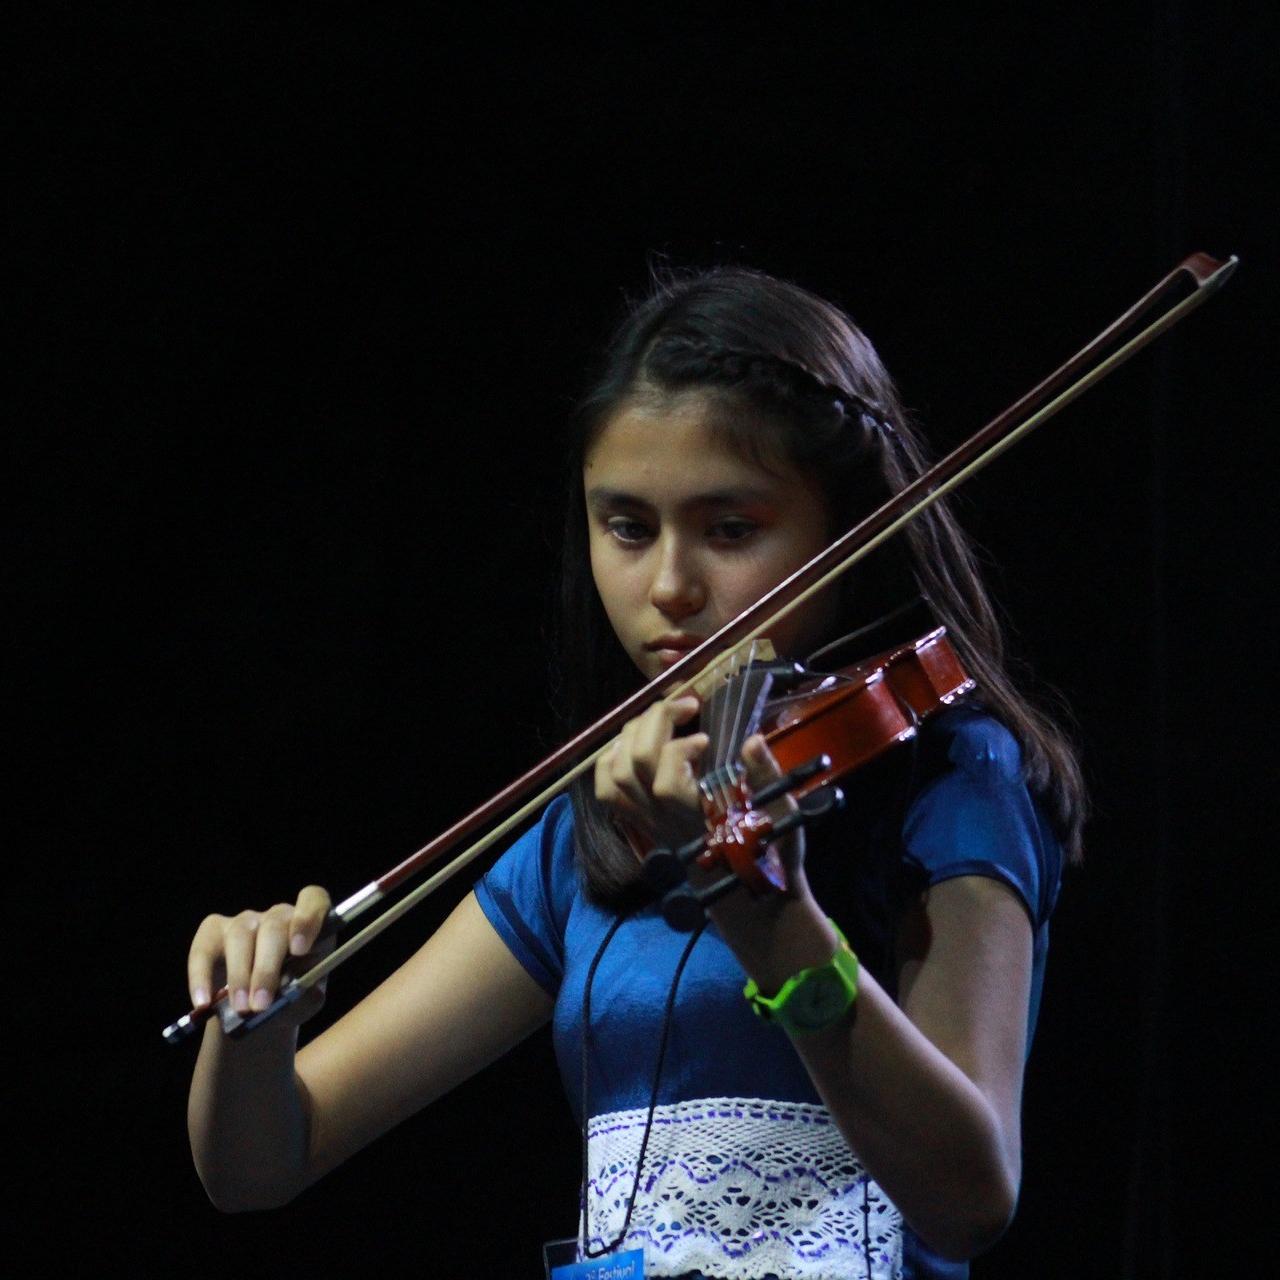 Escena de clases de violín para niños